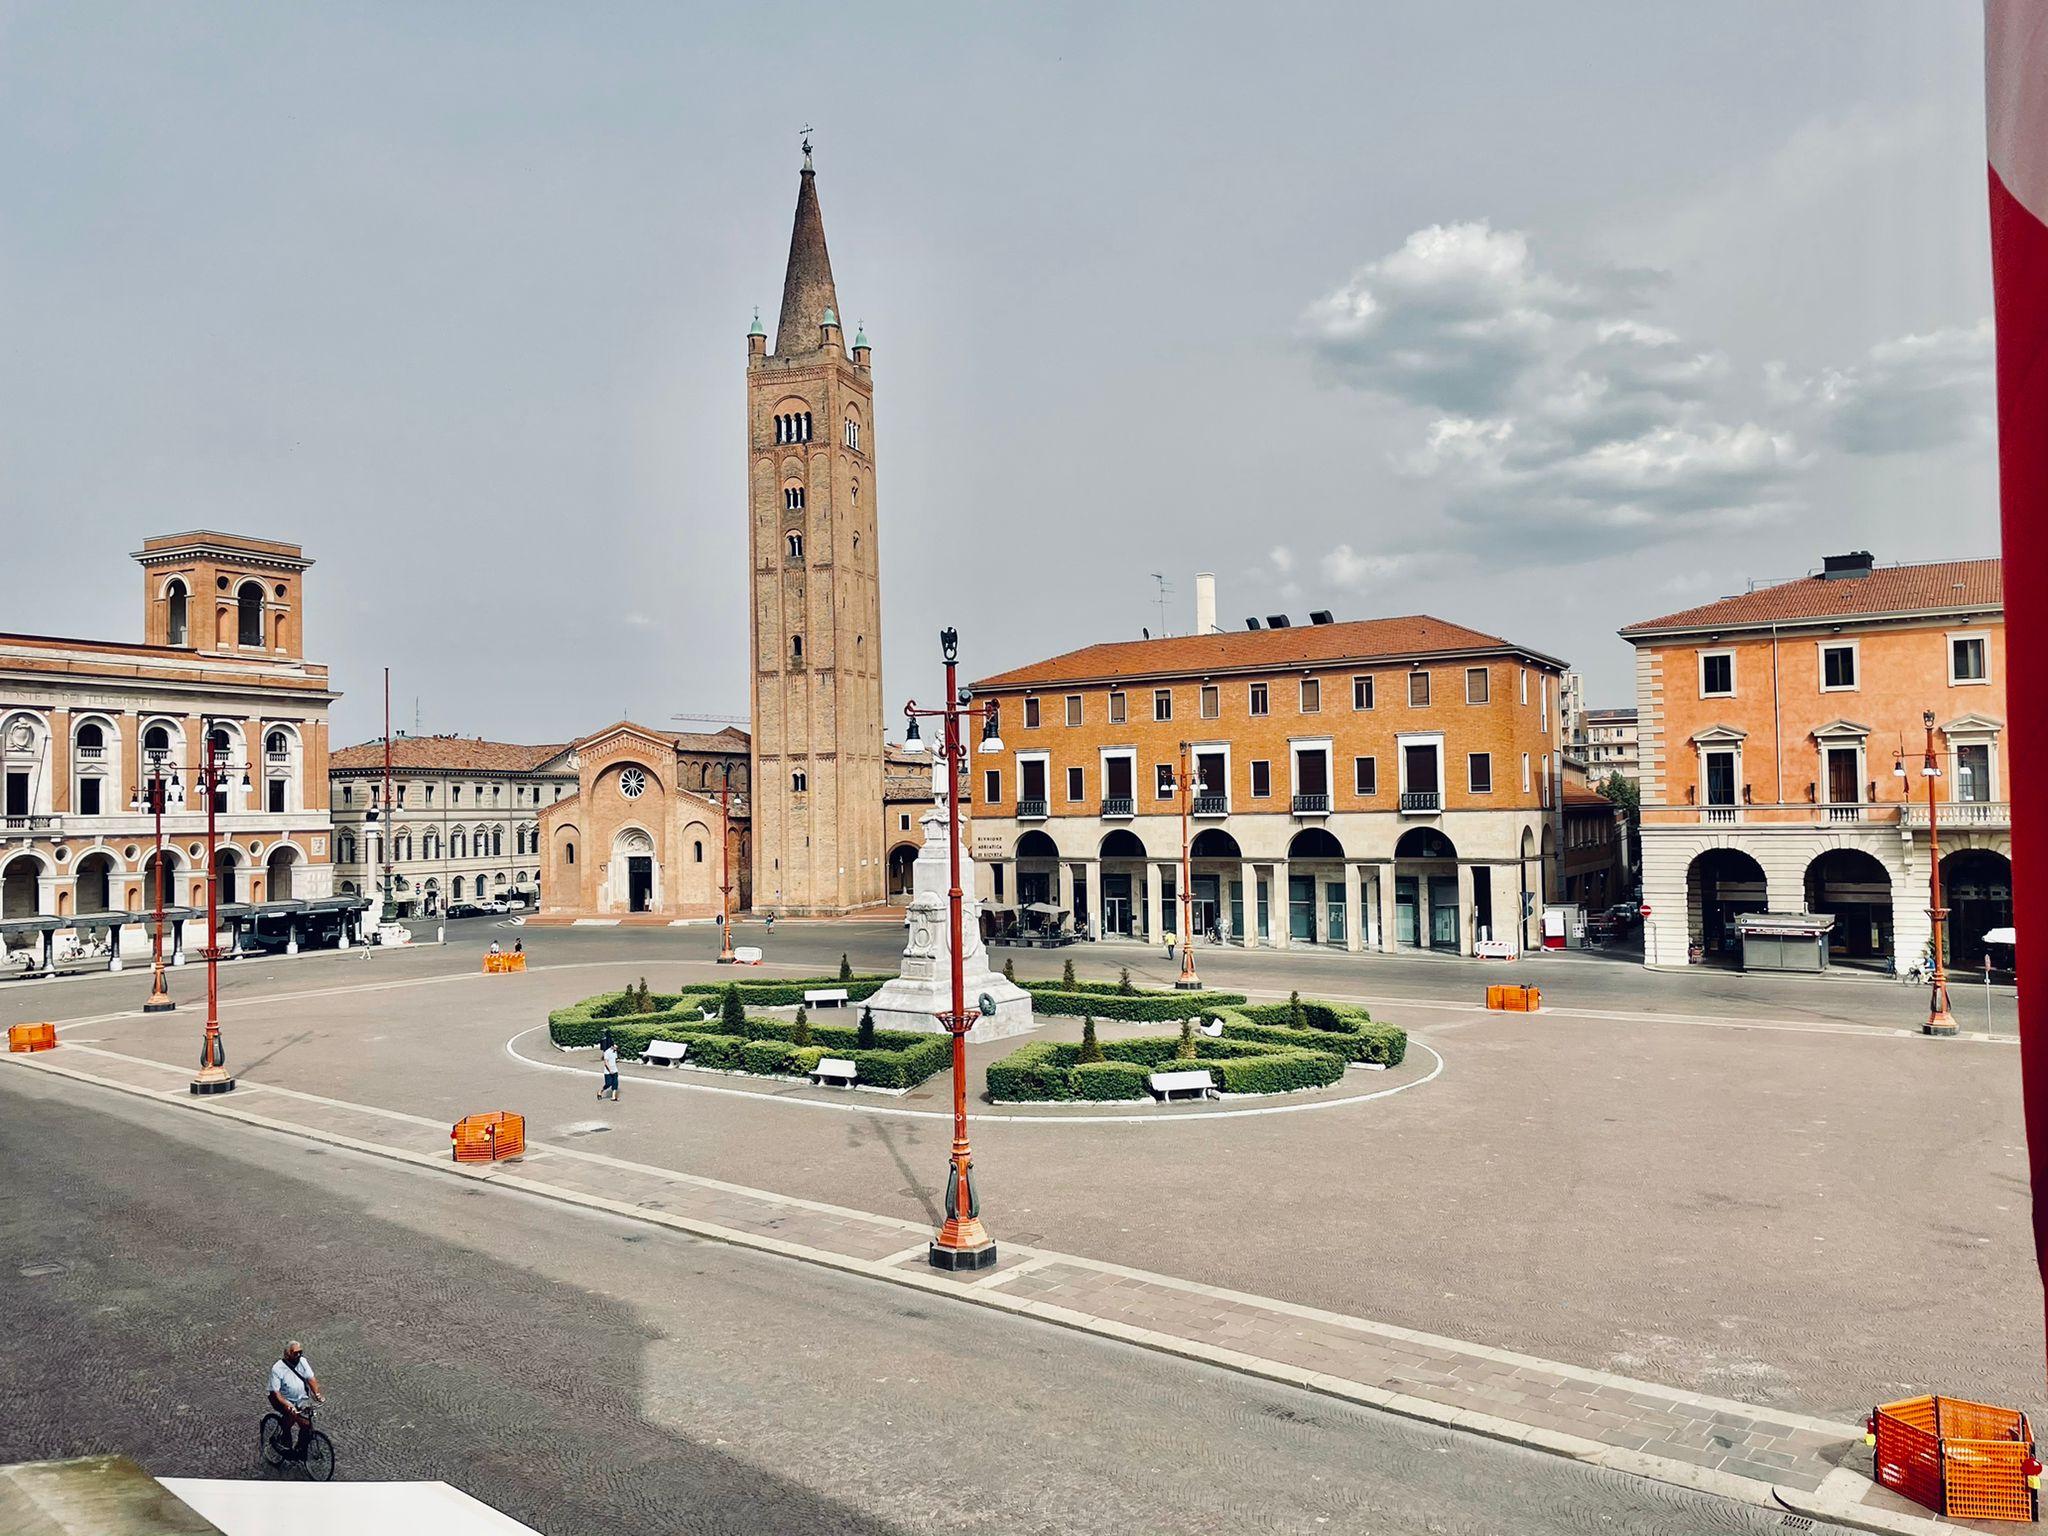 Piazza-Saffi-lavori-di-pubblica-illuminazione